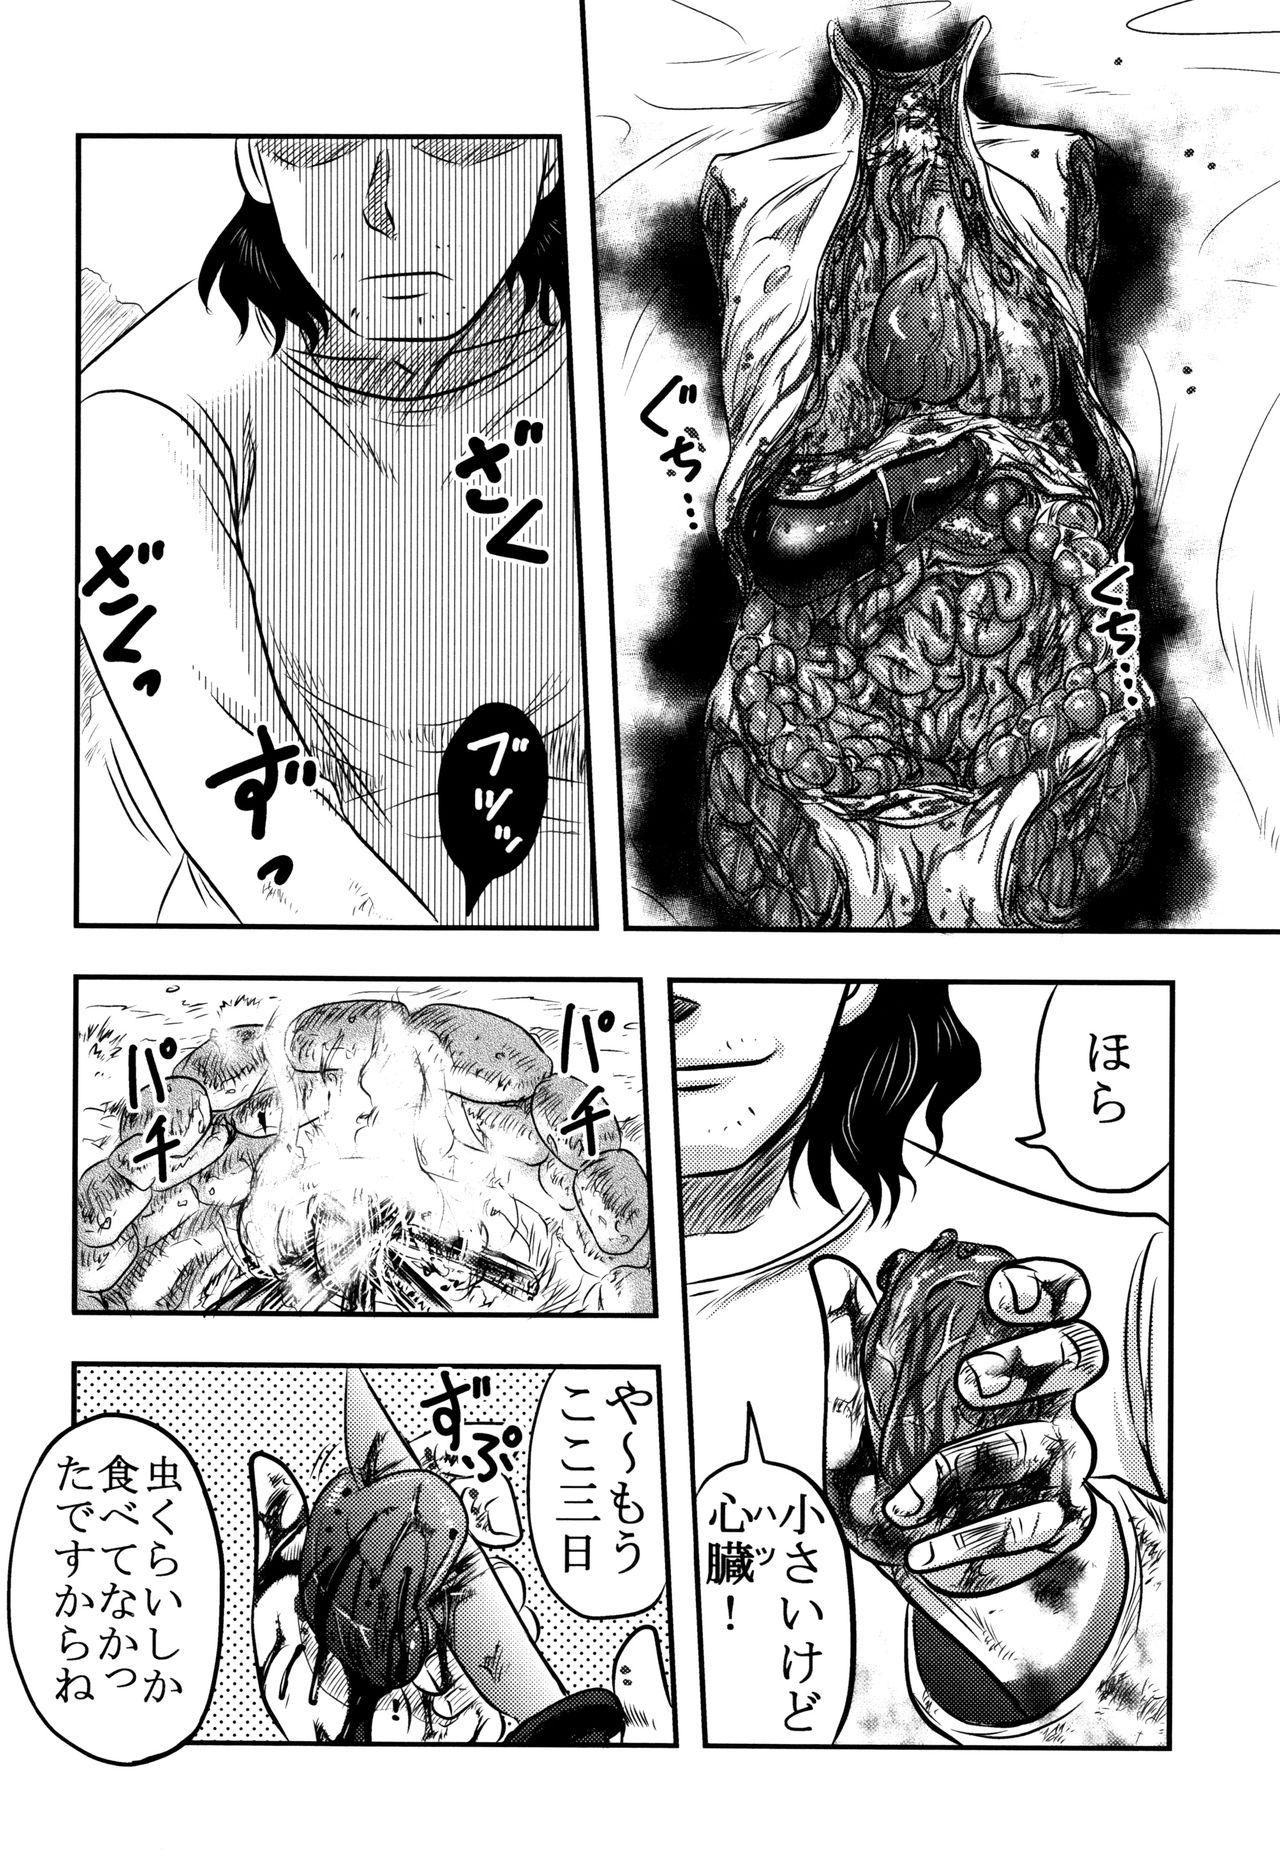 Chishigoyomi 18